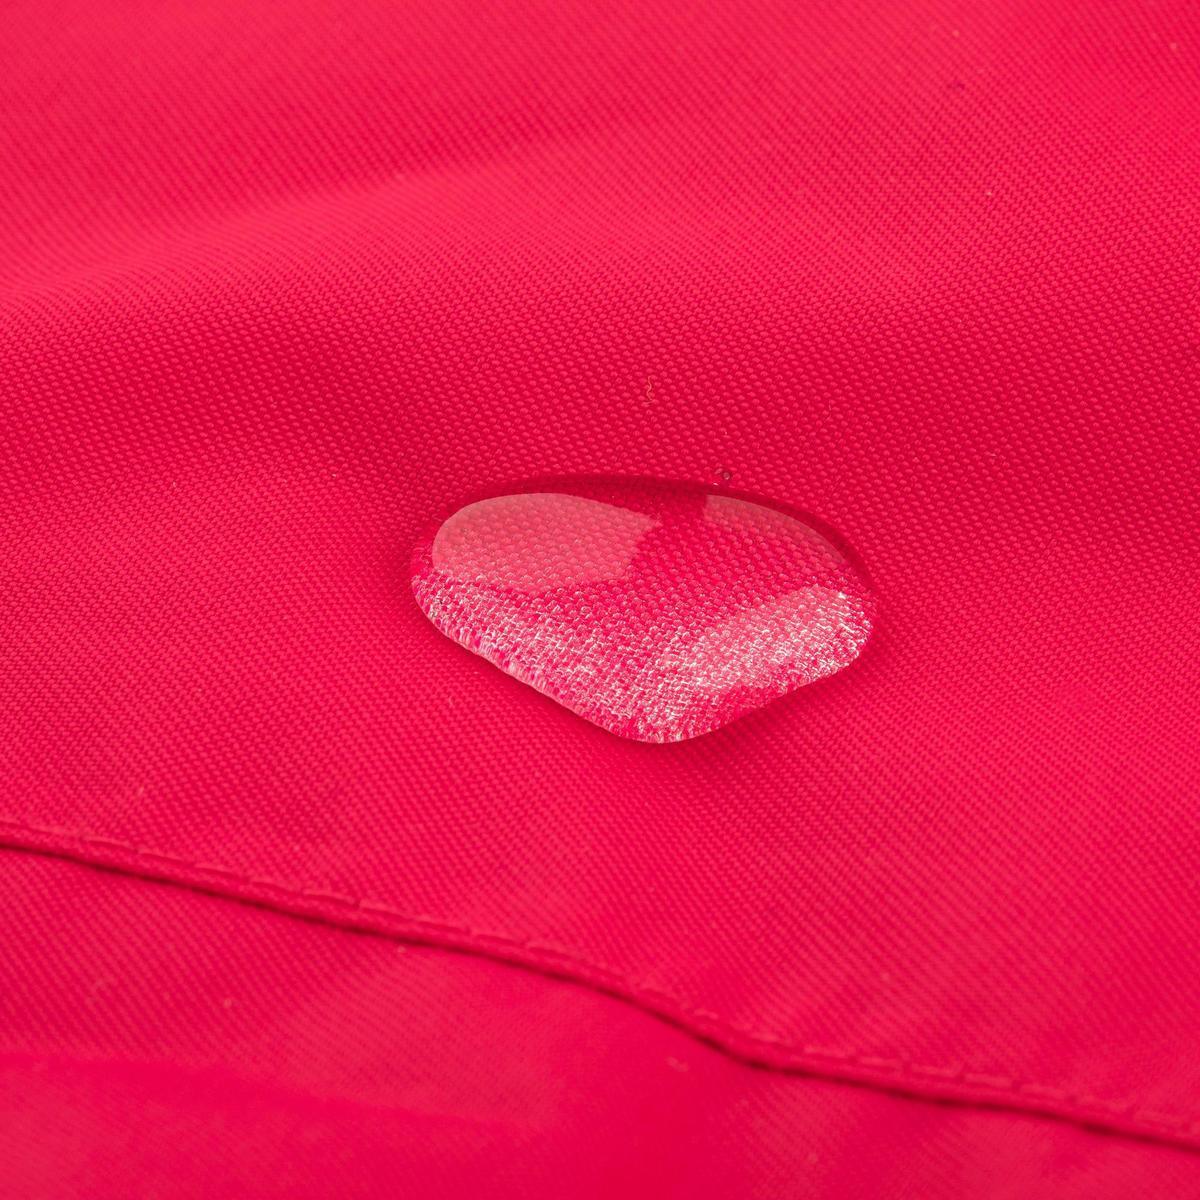 Bild 2 von Segeljacke warm 100 Damen rosa